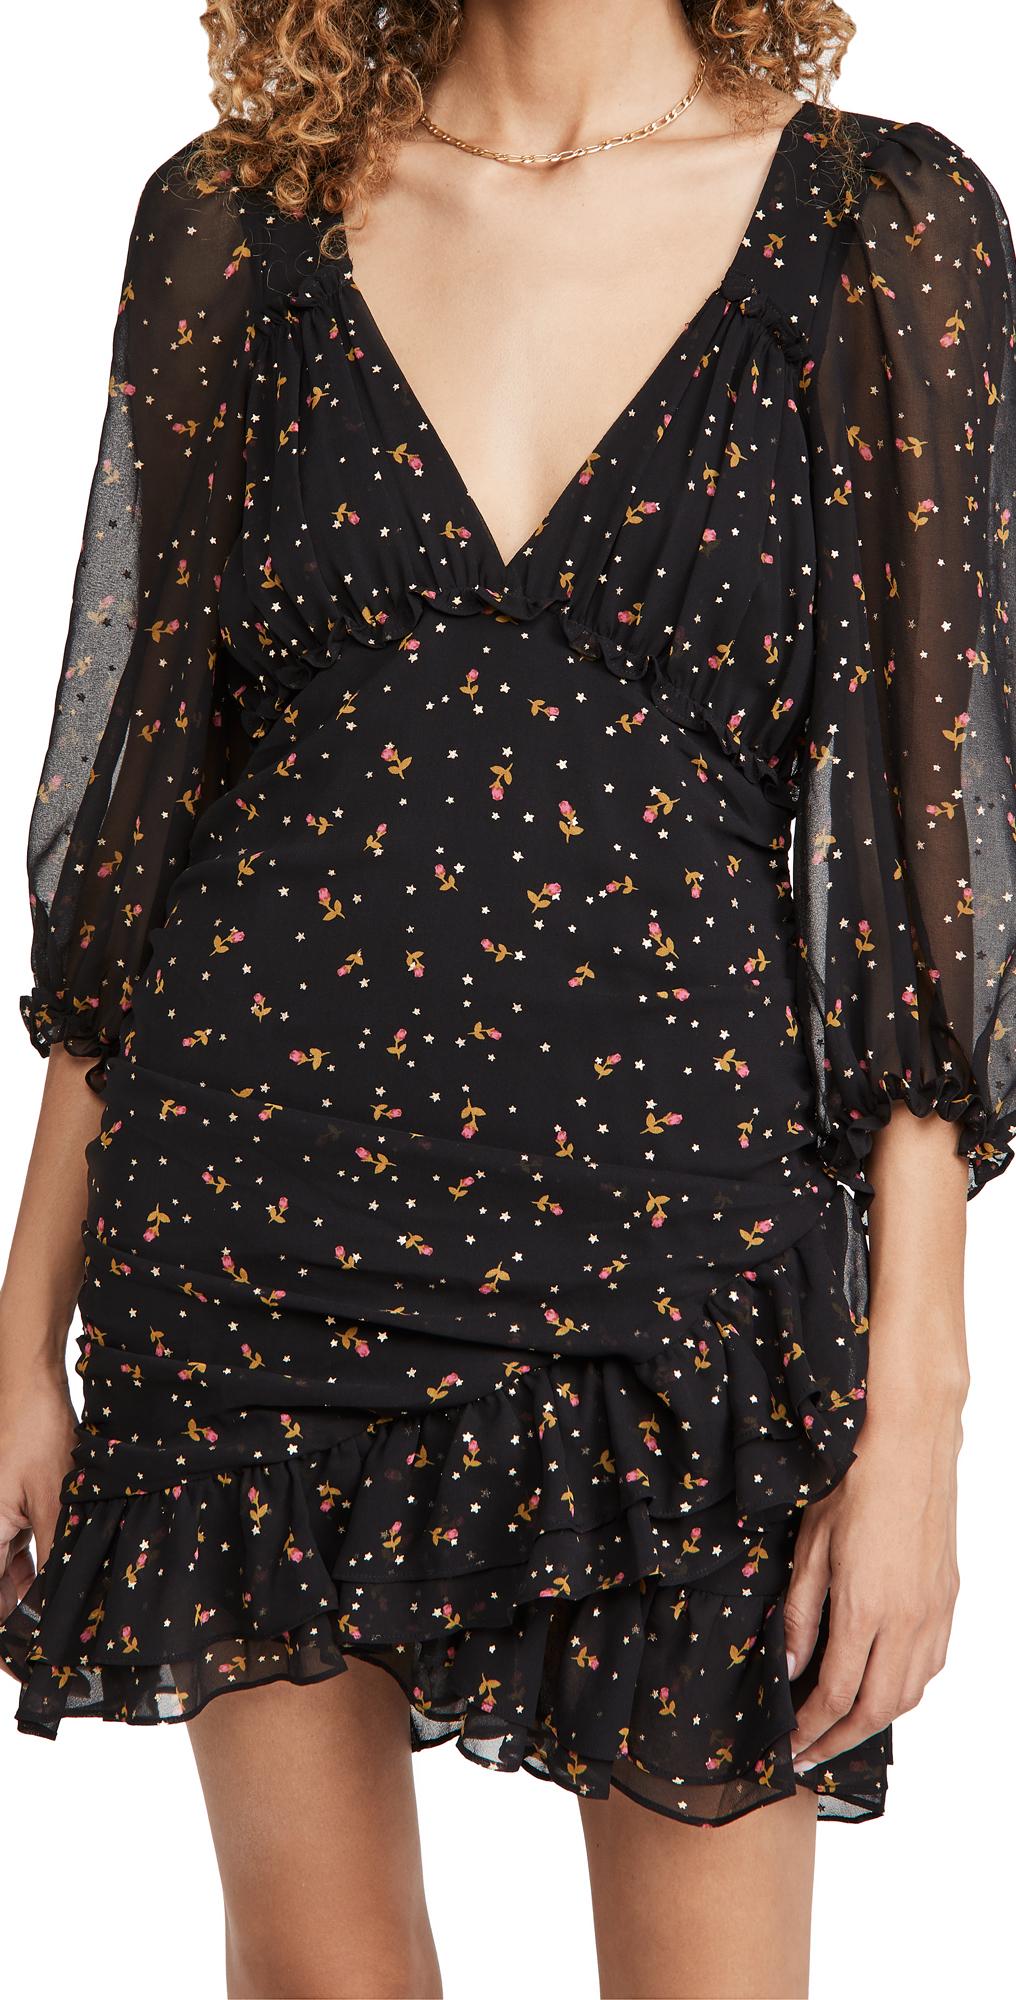 For Love & Lemons Juliana Mini Dress